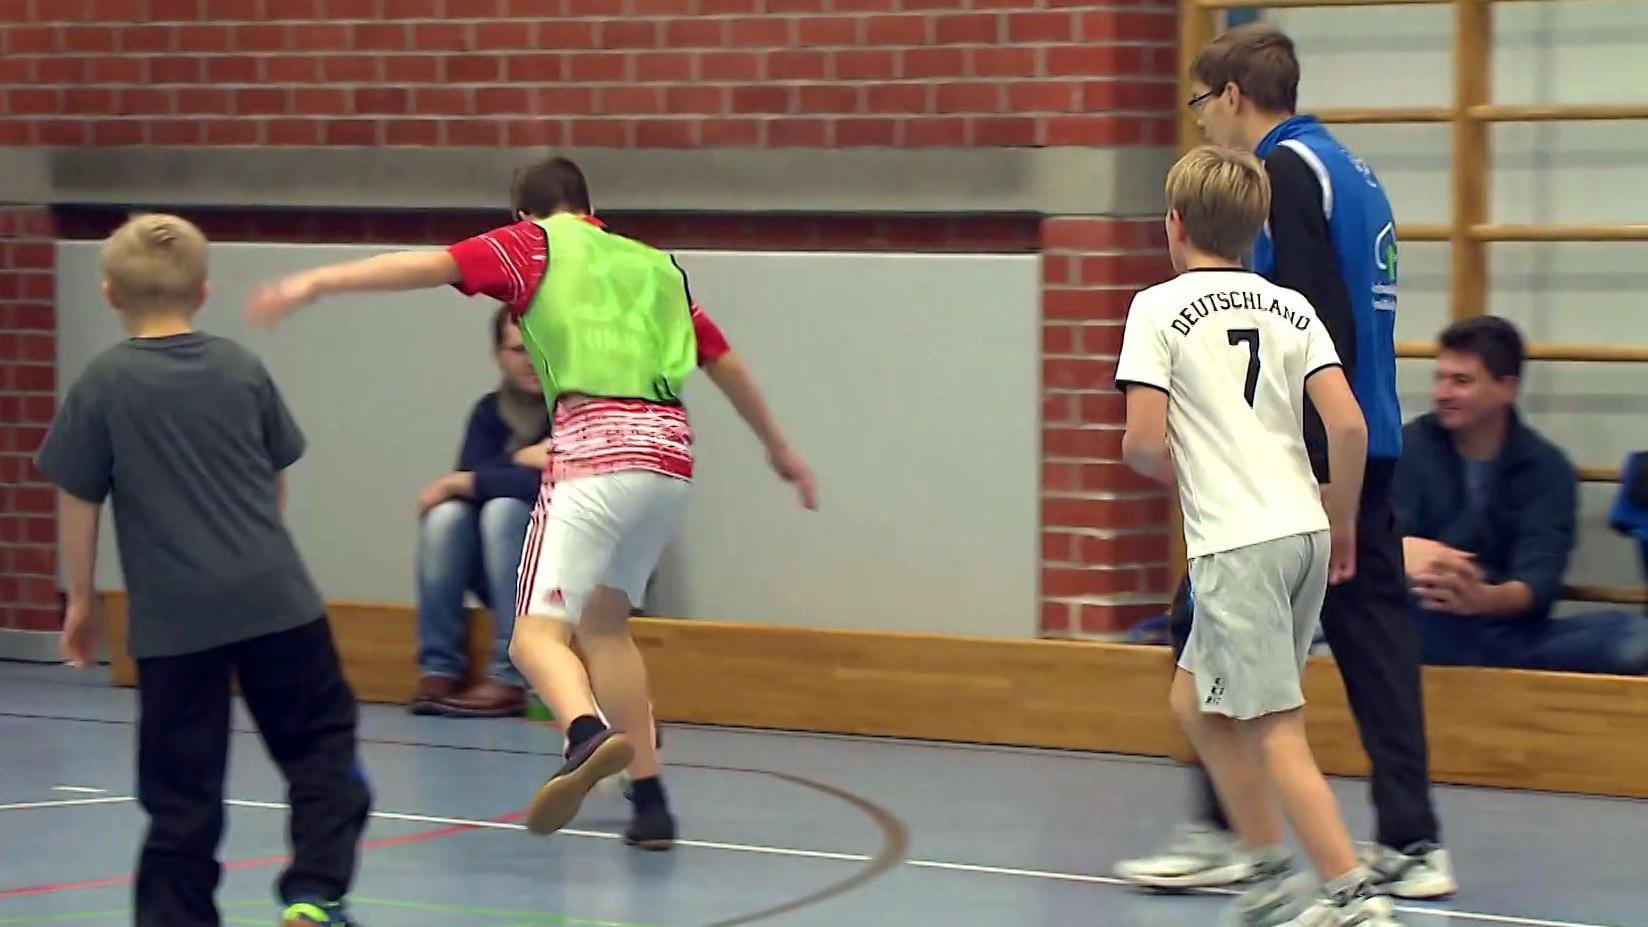 Inklusions-Fußballtraining beim 1. SC Gröbenzell